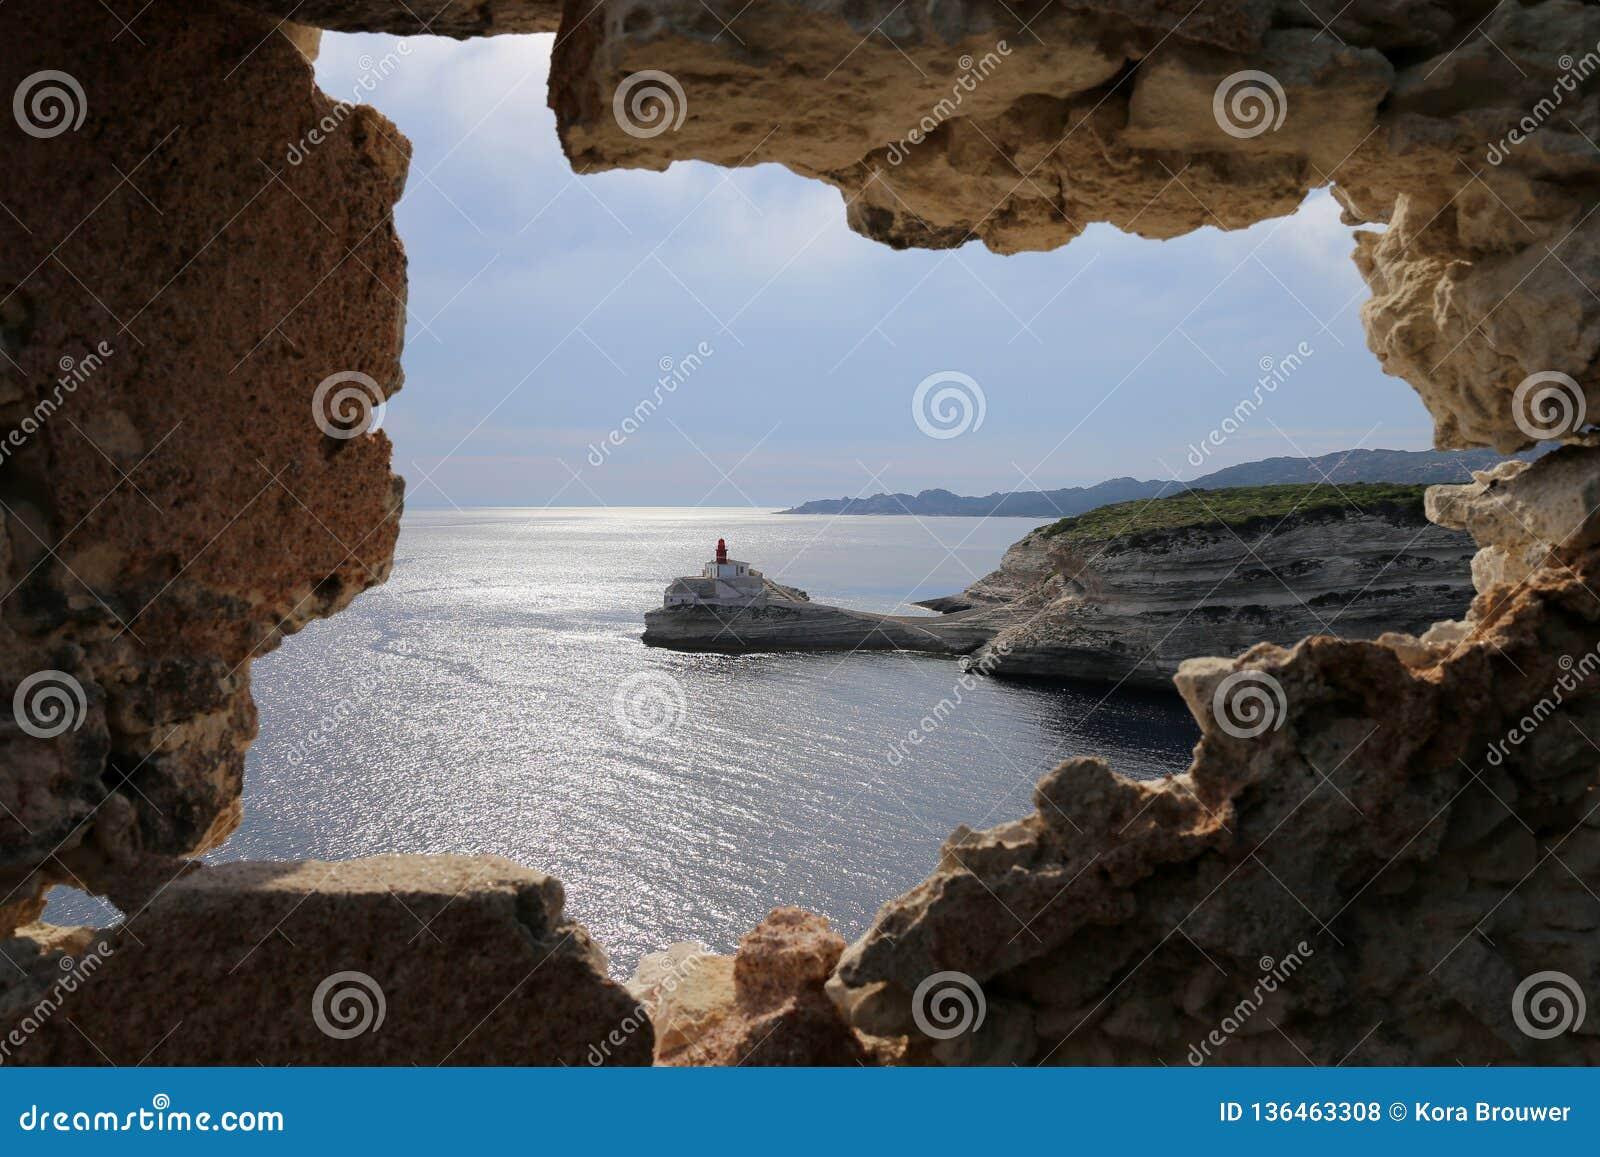 Latarnia morska los angeles Madonetta, Bonifacio, Corsica